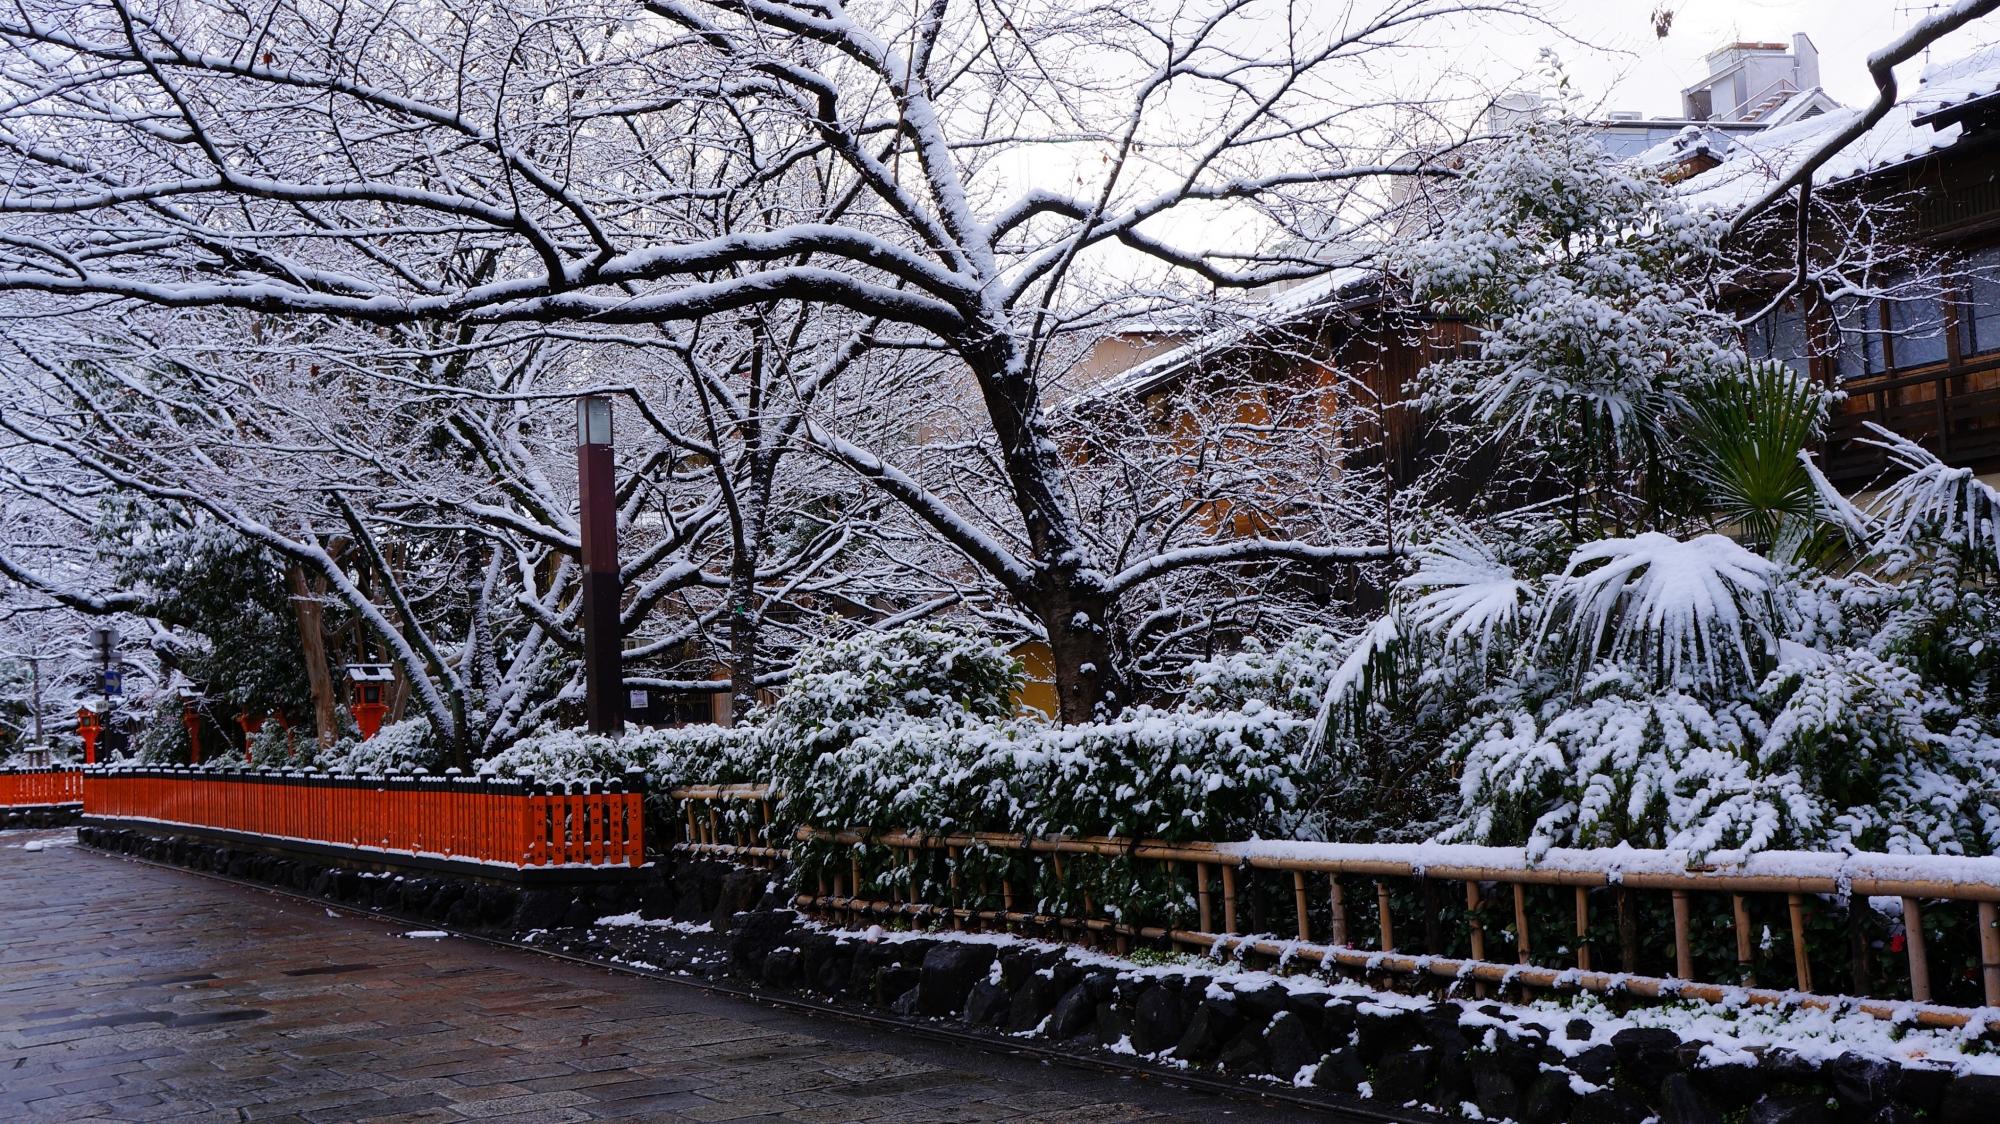 静寂と雪につつまれる古風な街並み